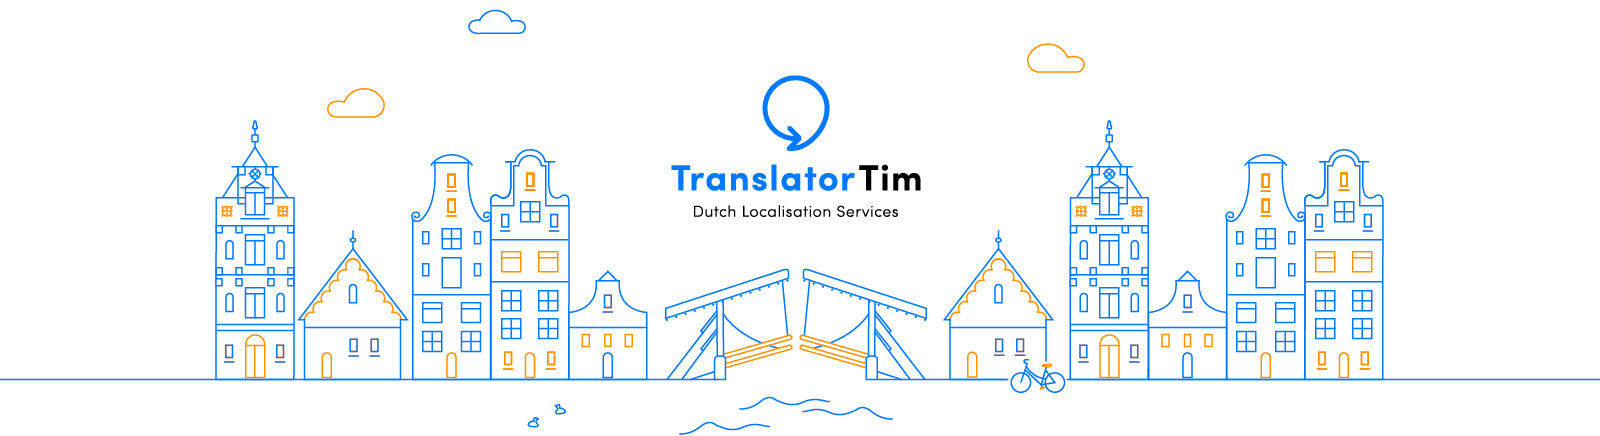 TranslatorTim